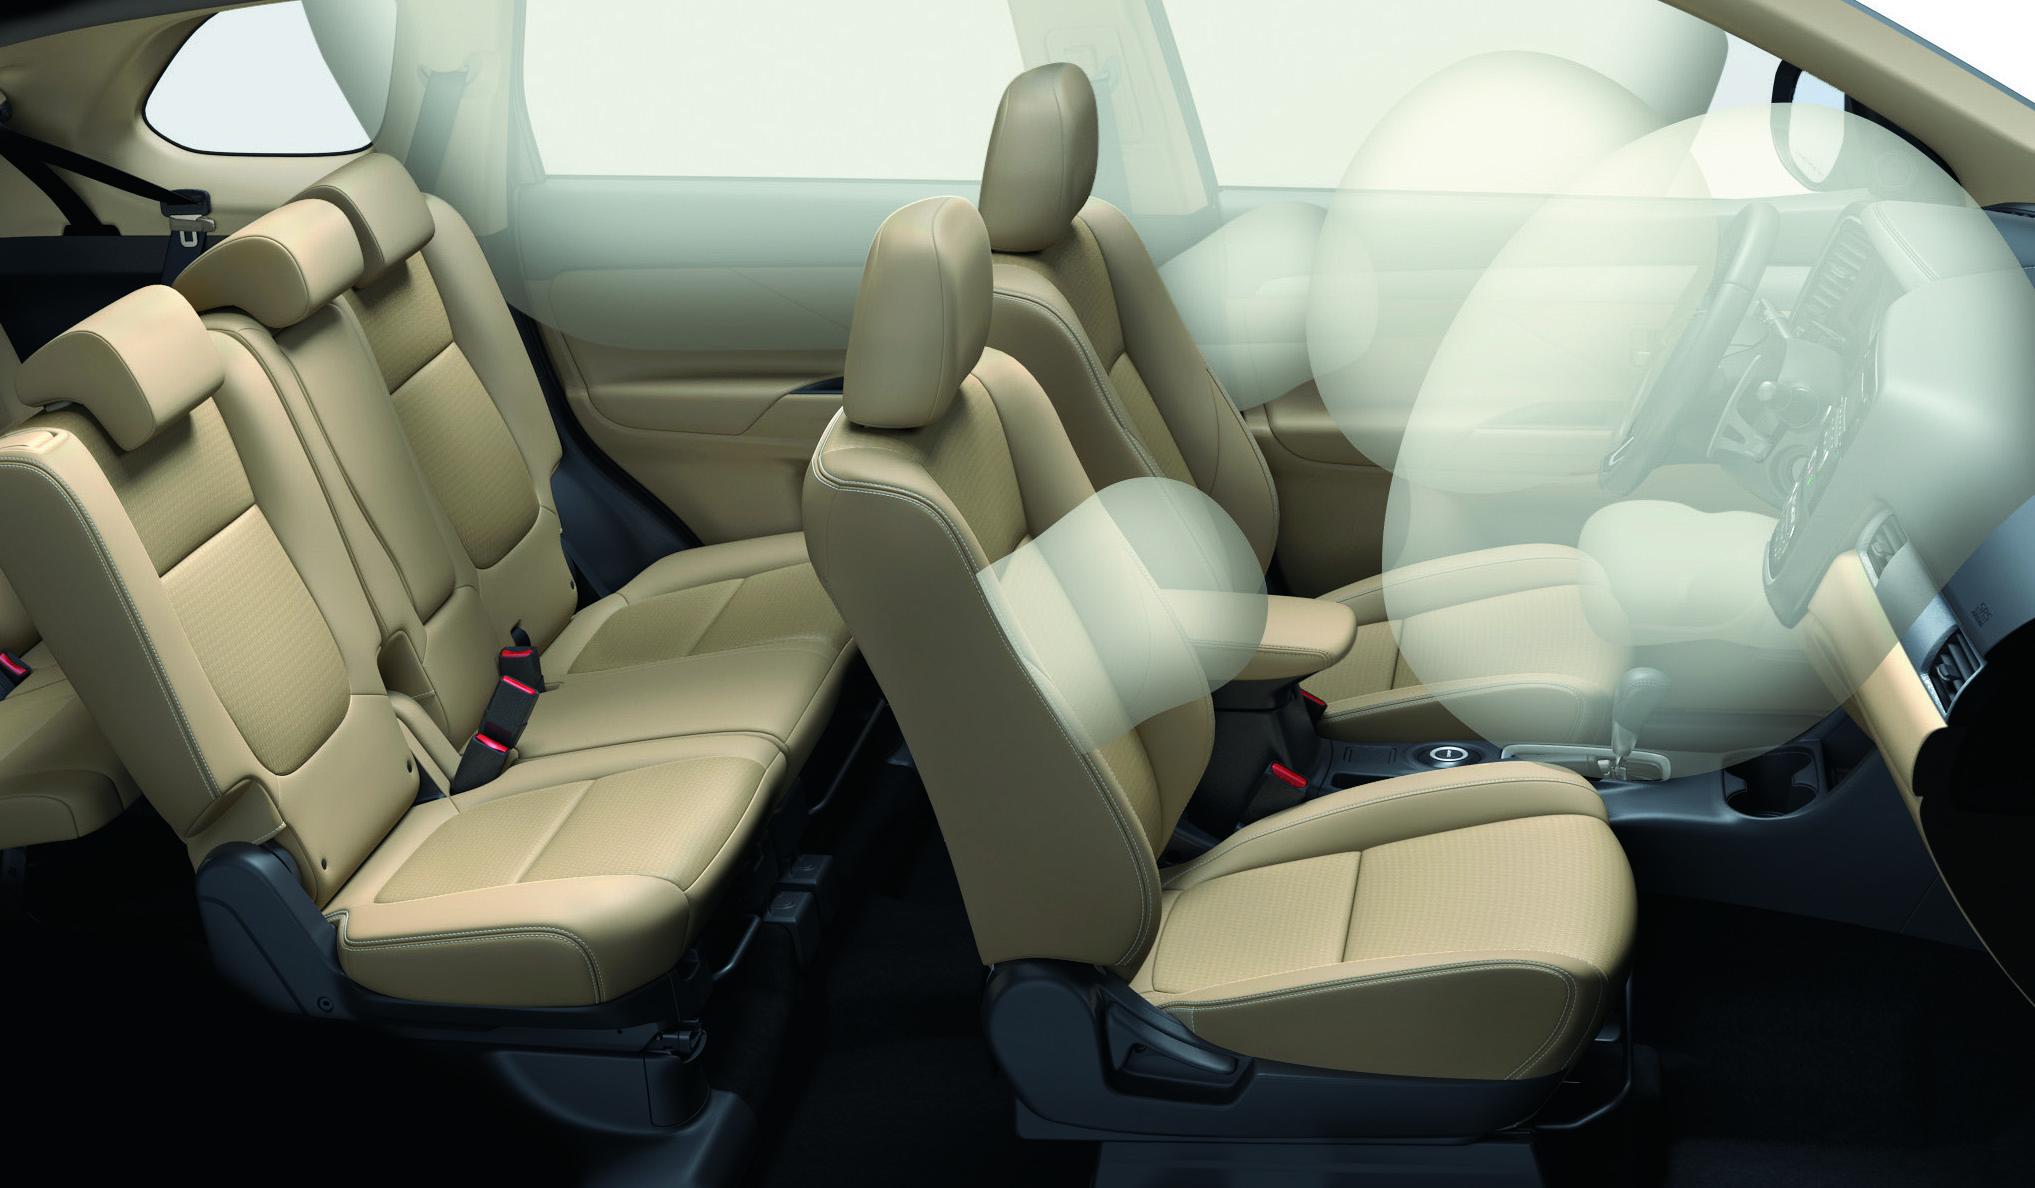 Mitsubishi outlander 2 cầu 7 chỗ 2.4 cvt được trang bị với 7 túi khí an toàn